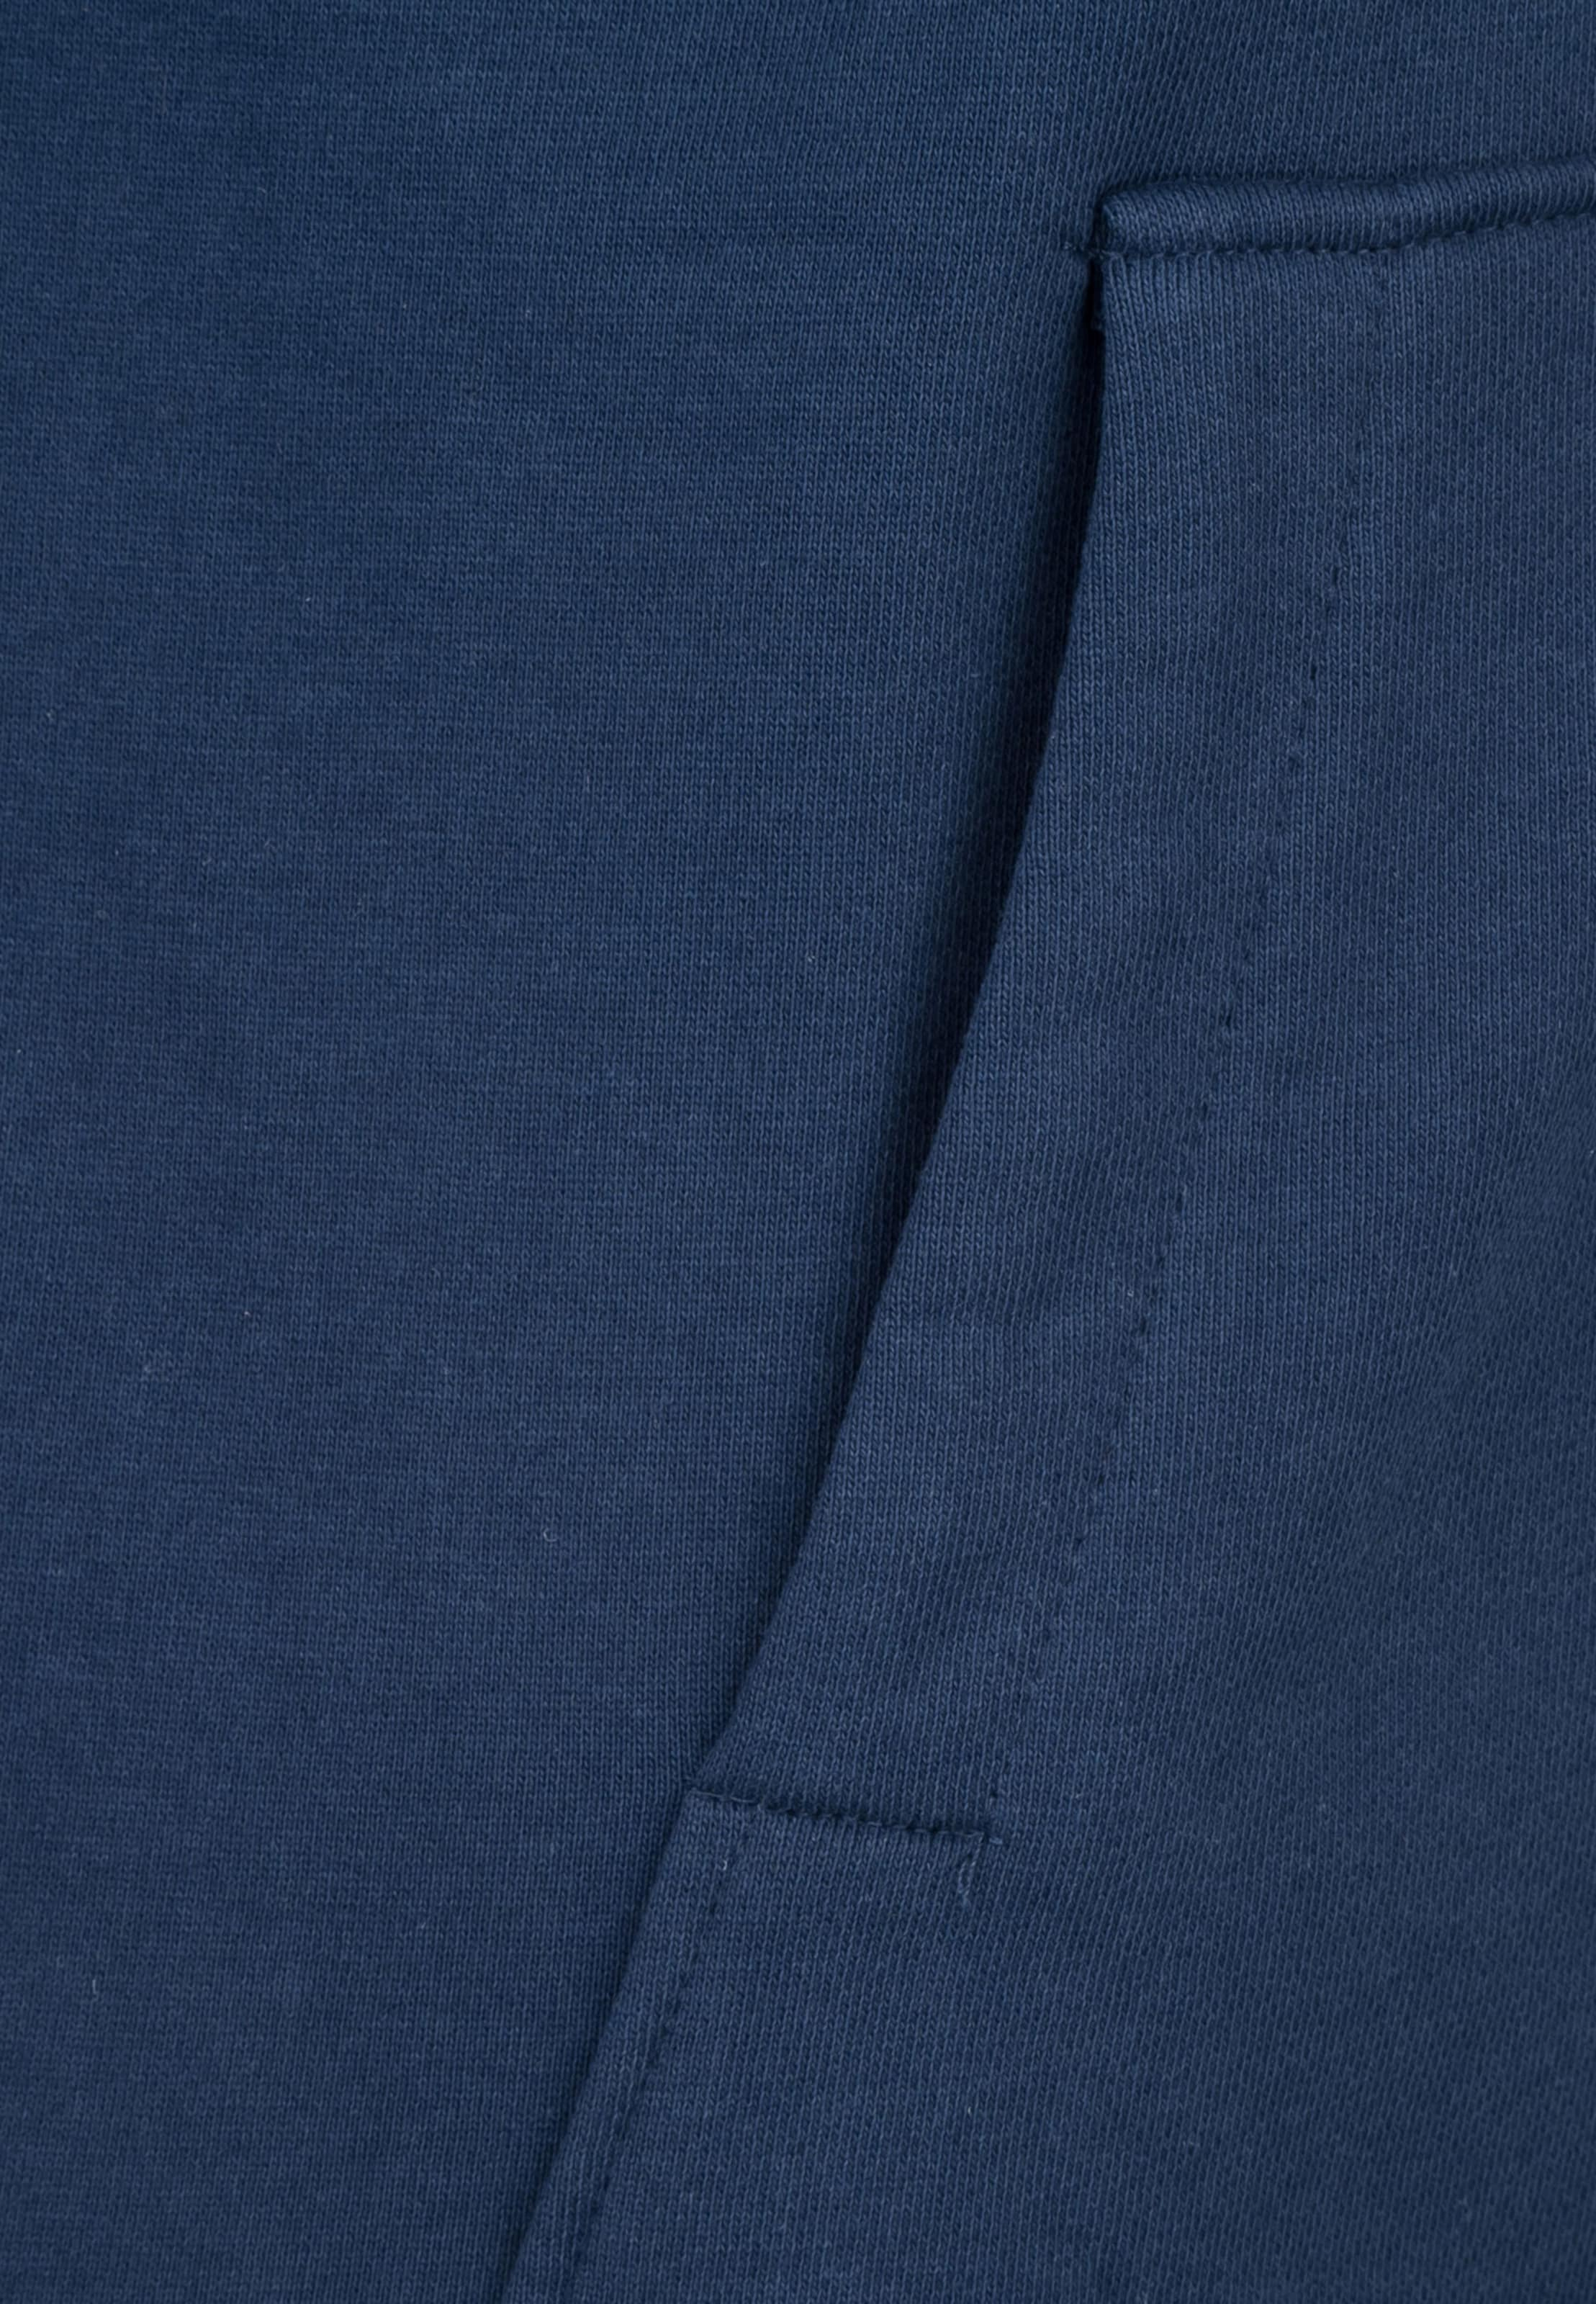 'classic' Herschel shirt En Sweat Abricot qzMVUpSG